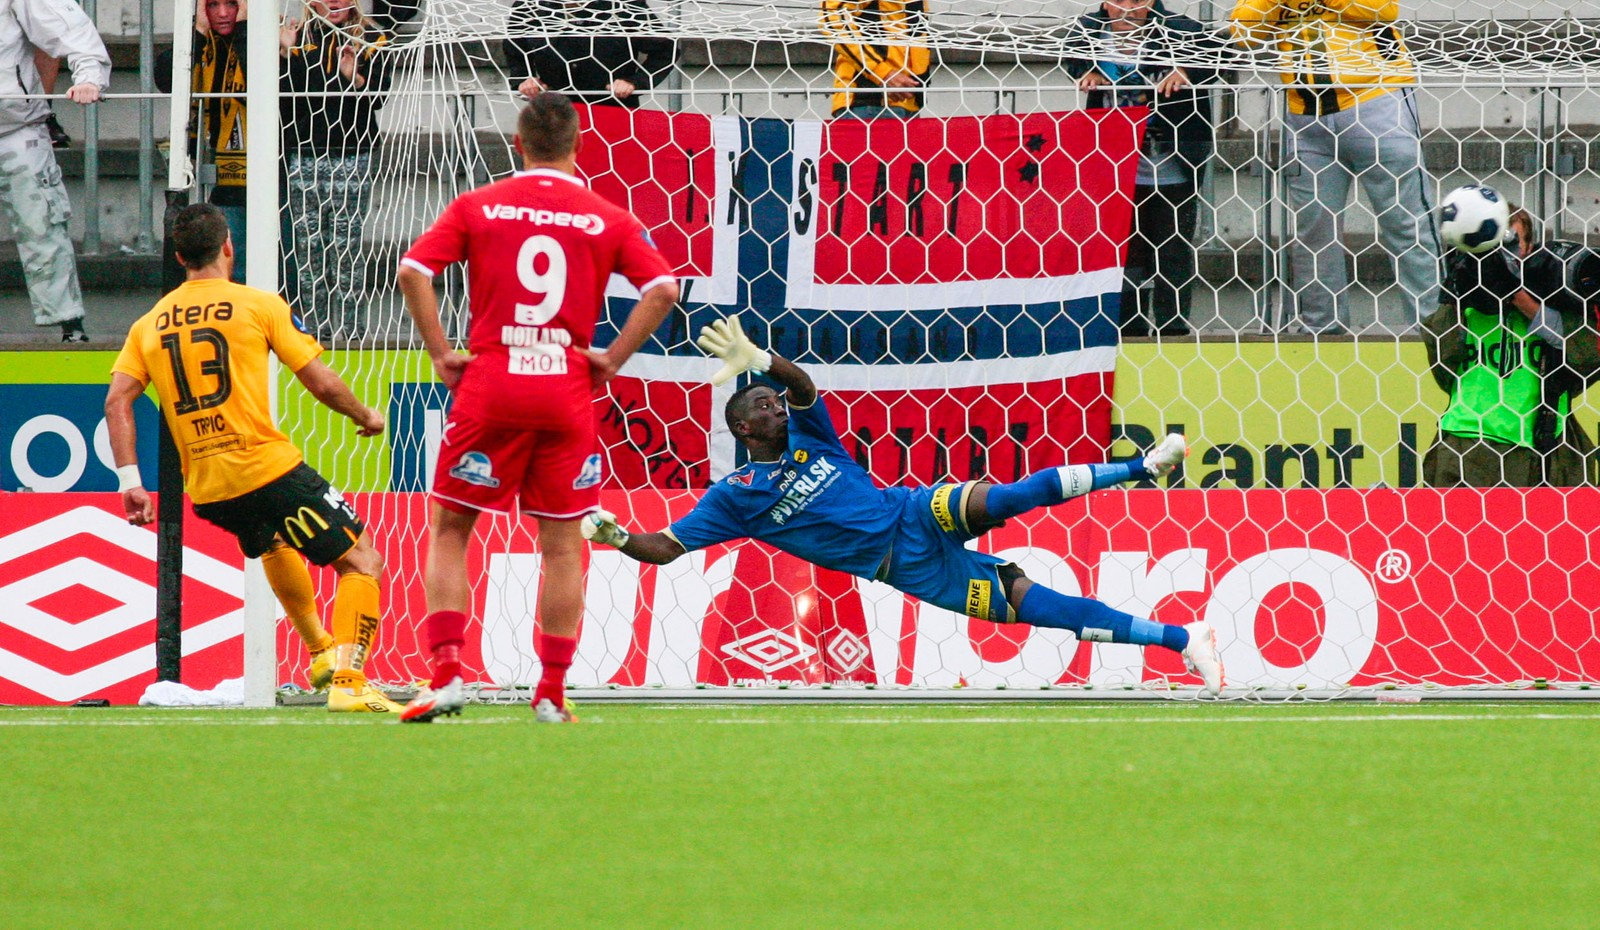 Tripic scorar på straffe mot Lillestrøm.